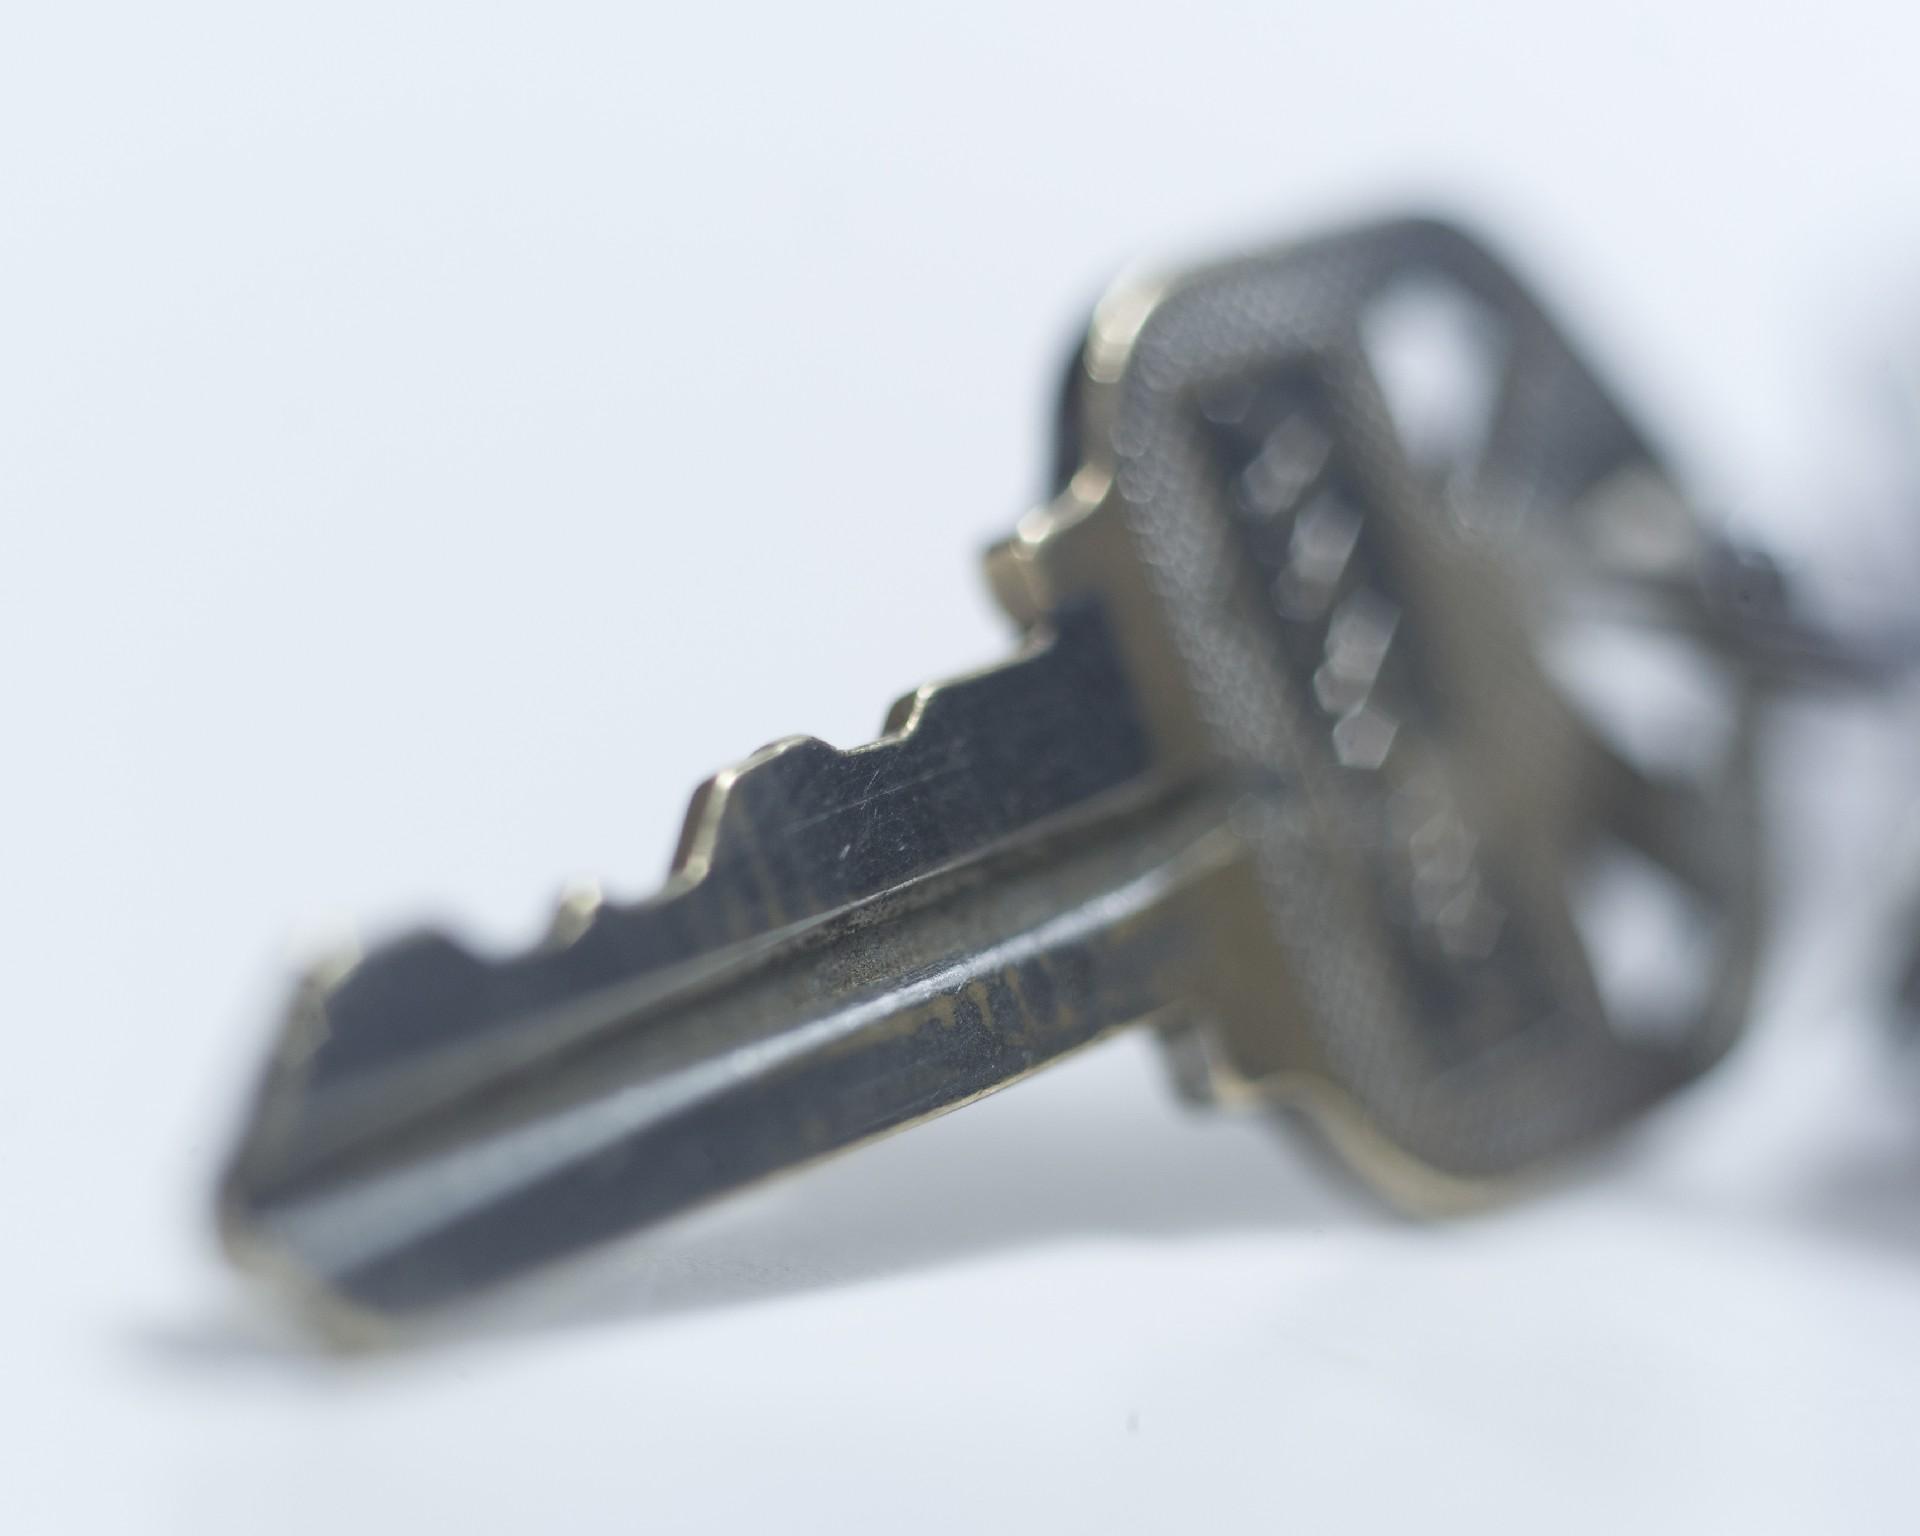 鍵を差し込んだ状態で折れてしまったときの対処法と開け方